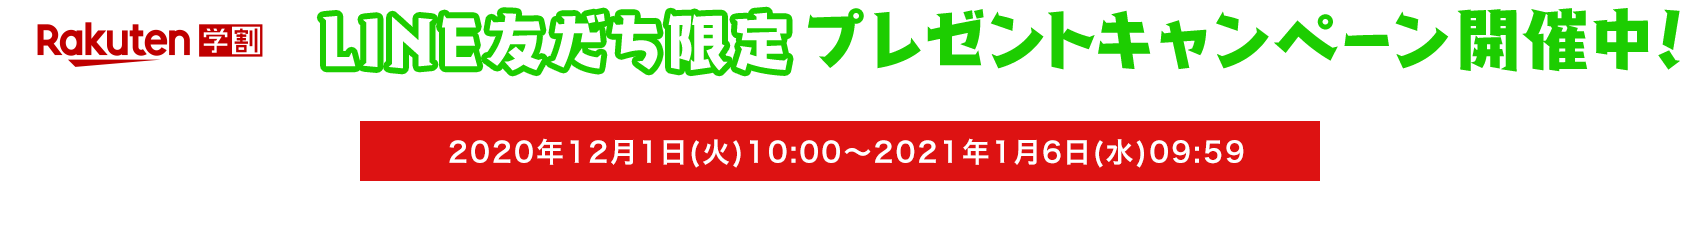 楽天学割 LINE友だち限定 プレゼントキャンペーン開催中! 2020年12月1日(火)10:00〜2021年1月6日(水)09:59 楽天学割本メンバー登録&LINE友だち追加とエントリーで、抽選でポイントをプレゼント!